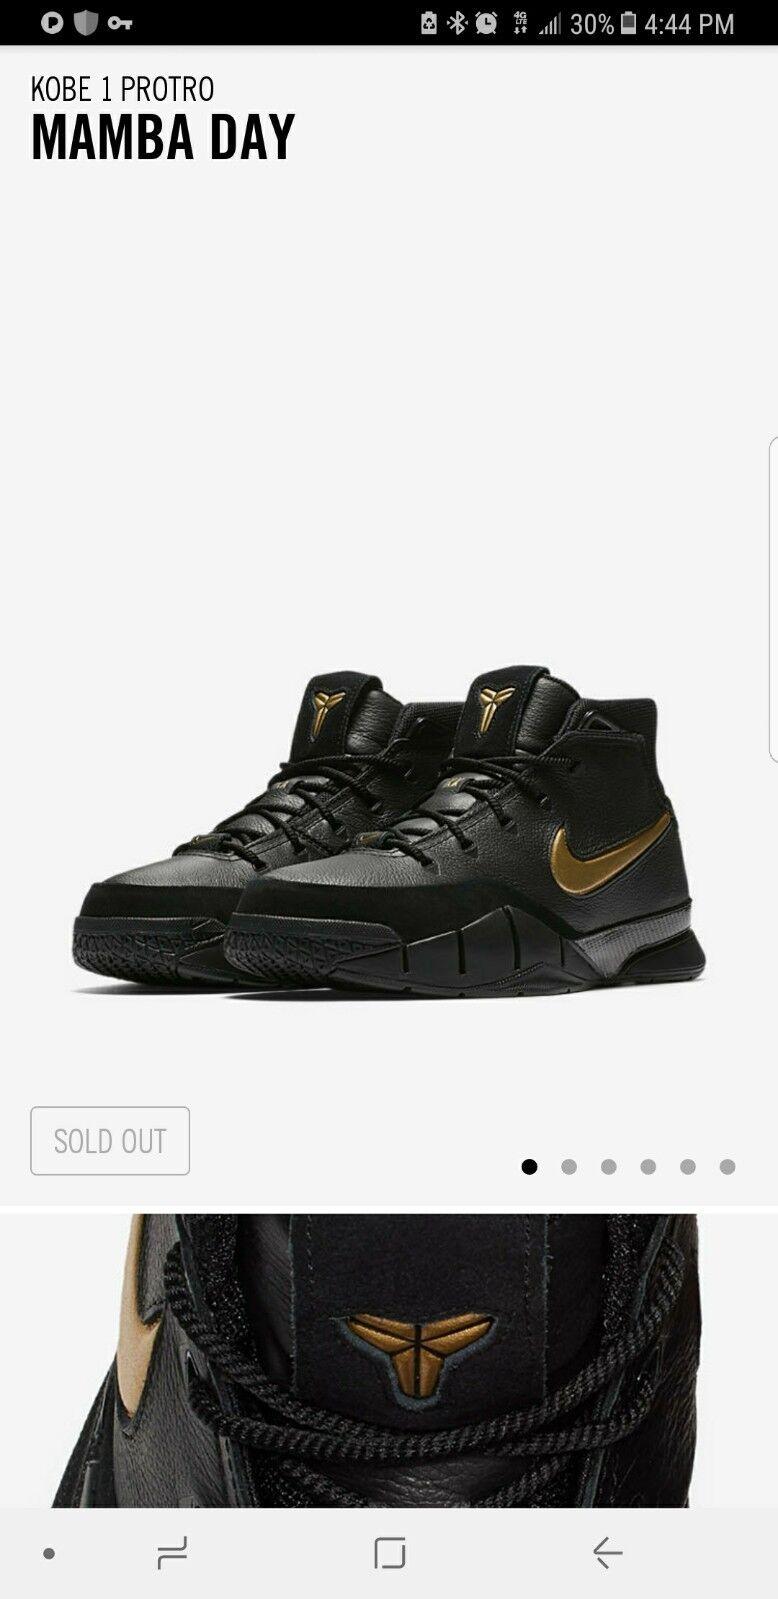 Nike mas Kobe 1 protro Mamba día cómodo el modelo mas Nike vendido de la marca fd637a